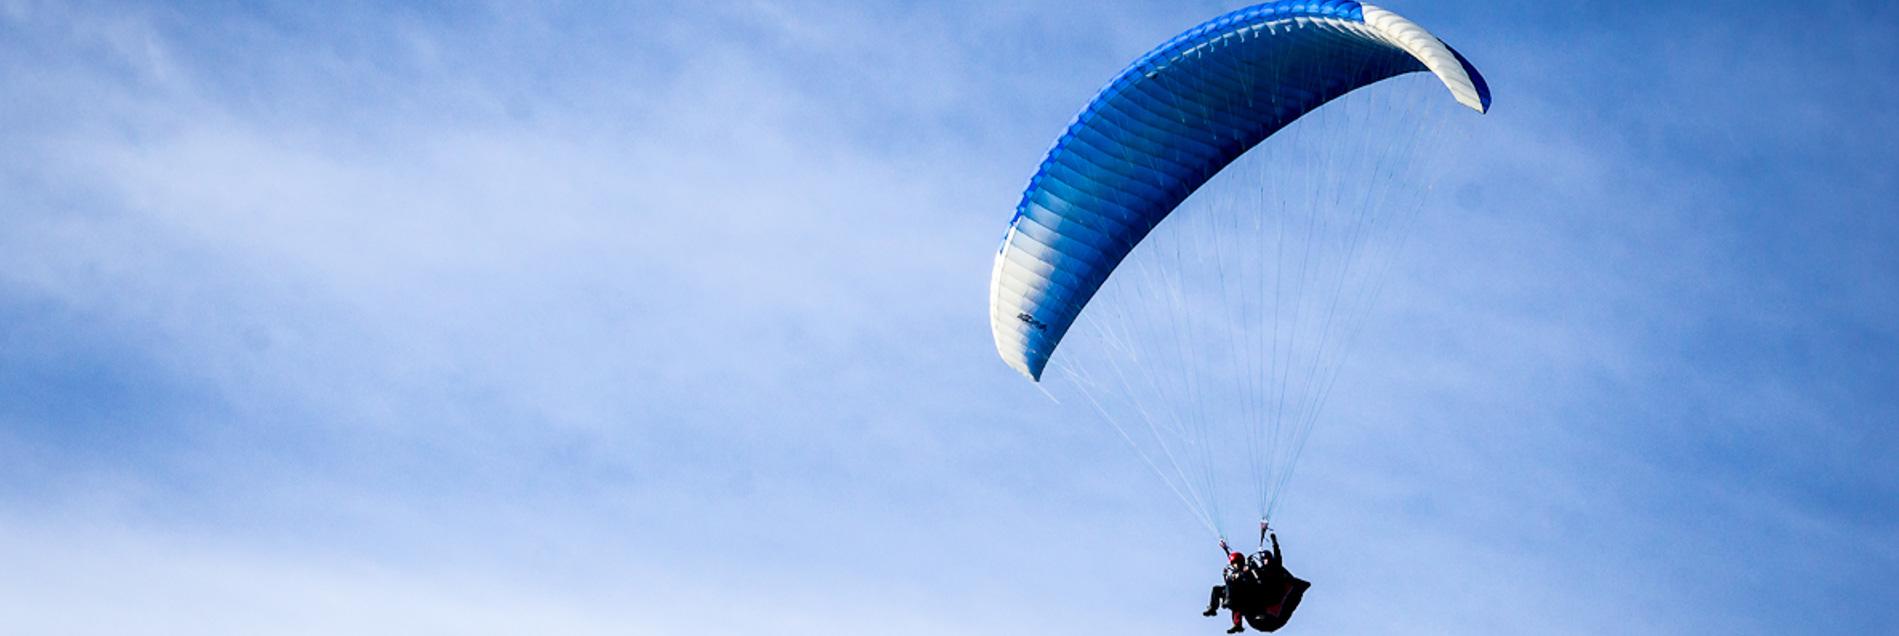 Обучение полетам на параплане в Харькове